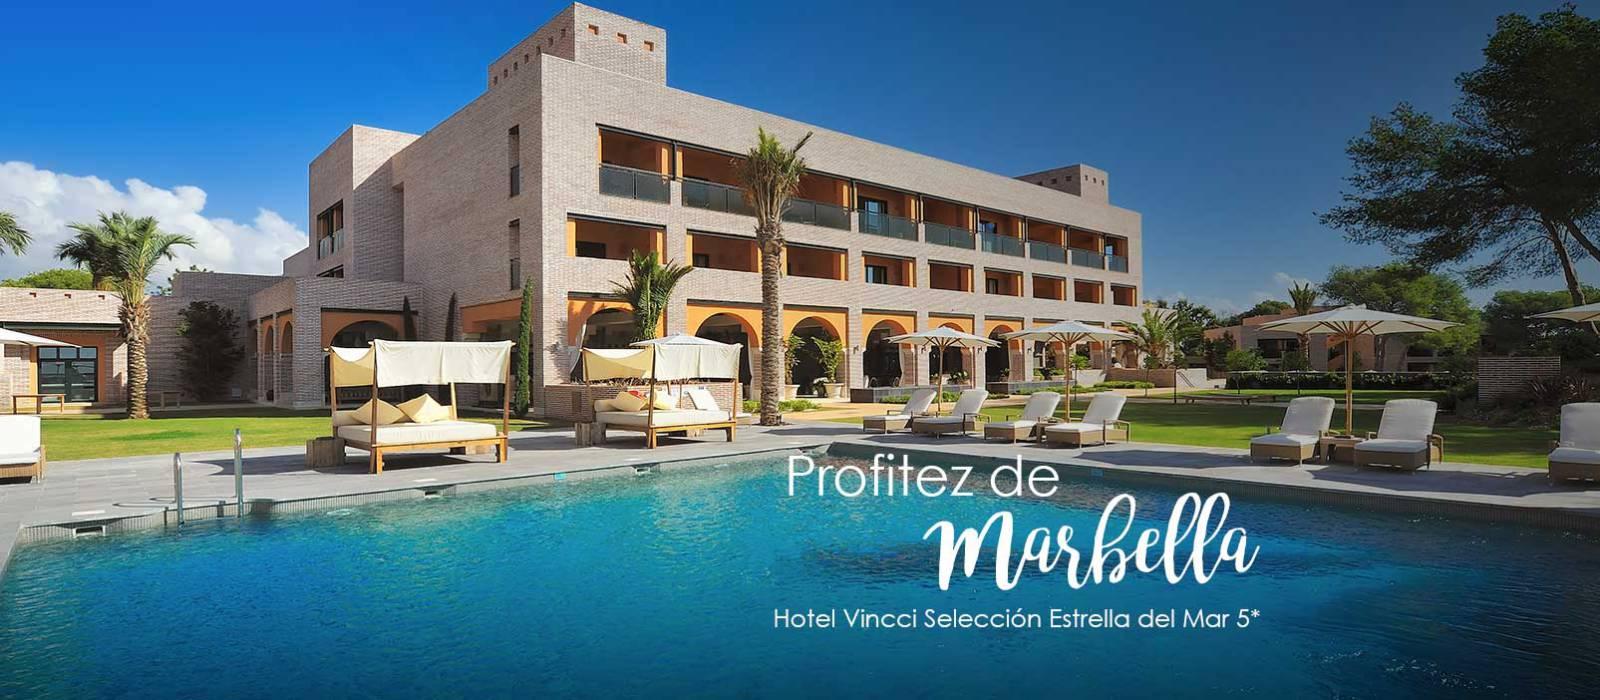 Disfruta Marbella FR - Vincci Selección Estrella del Mar